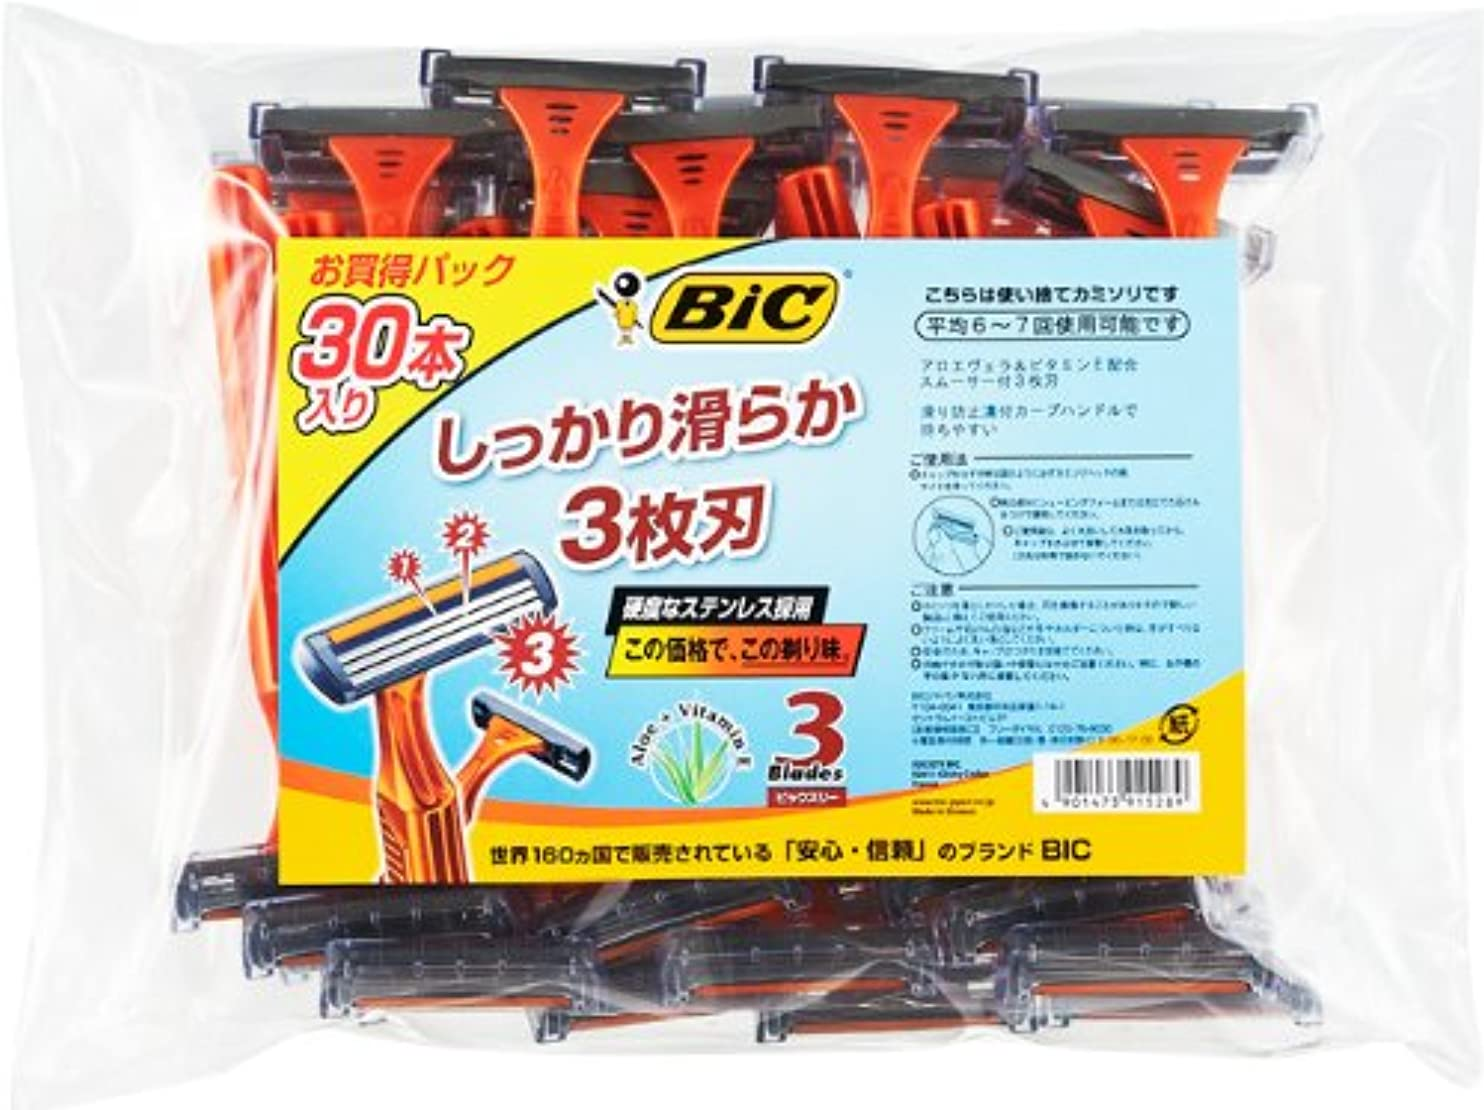 ページェント維持キャッチビック BIC BIC3 3枚刃 使い捨てカミソリ シェーバー ひげそり ディスポ 30本入